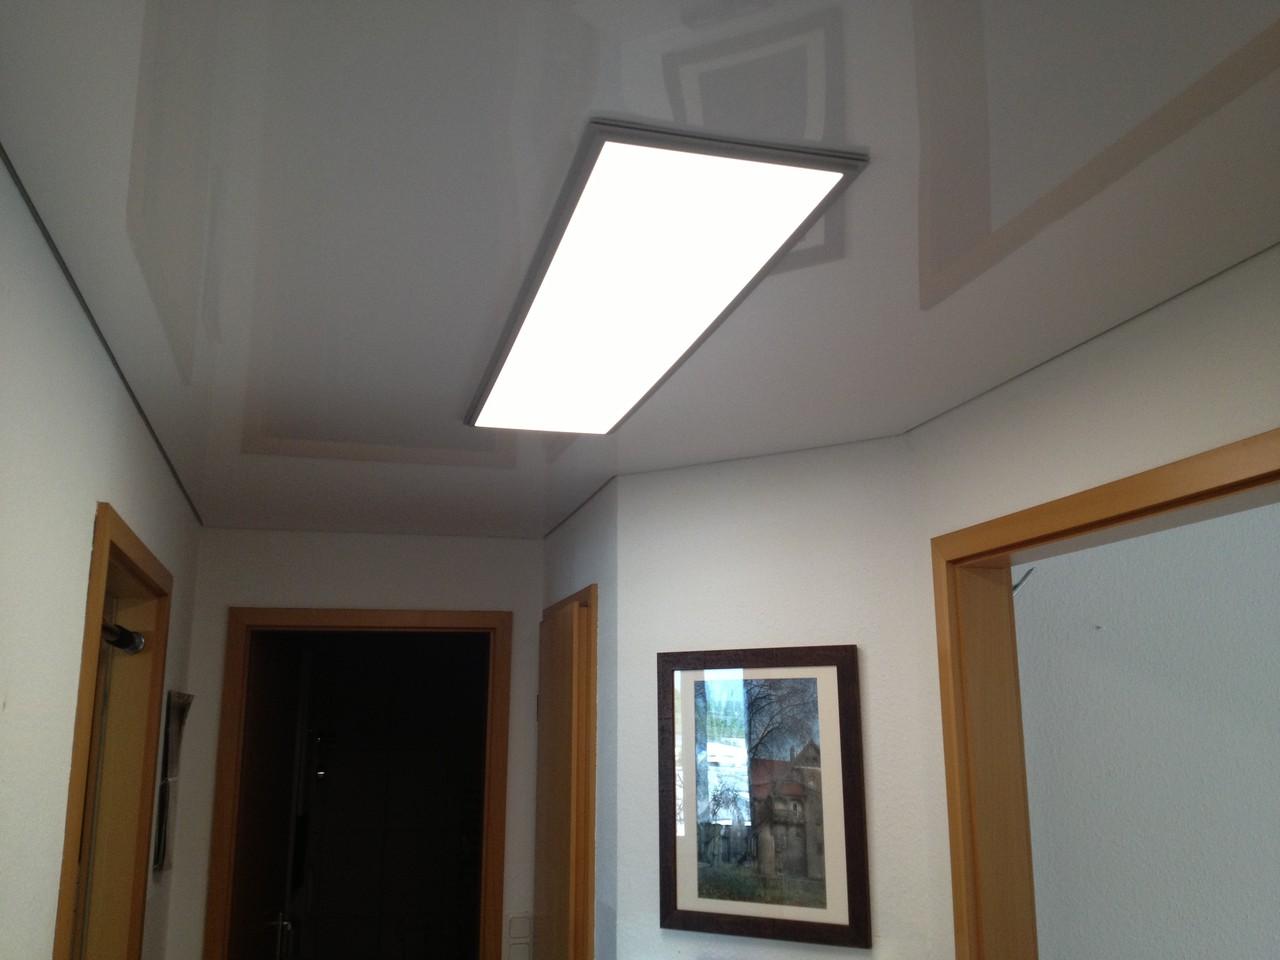 LED Paneel an